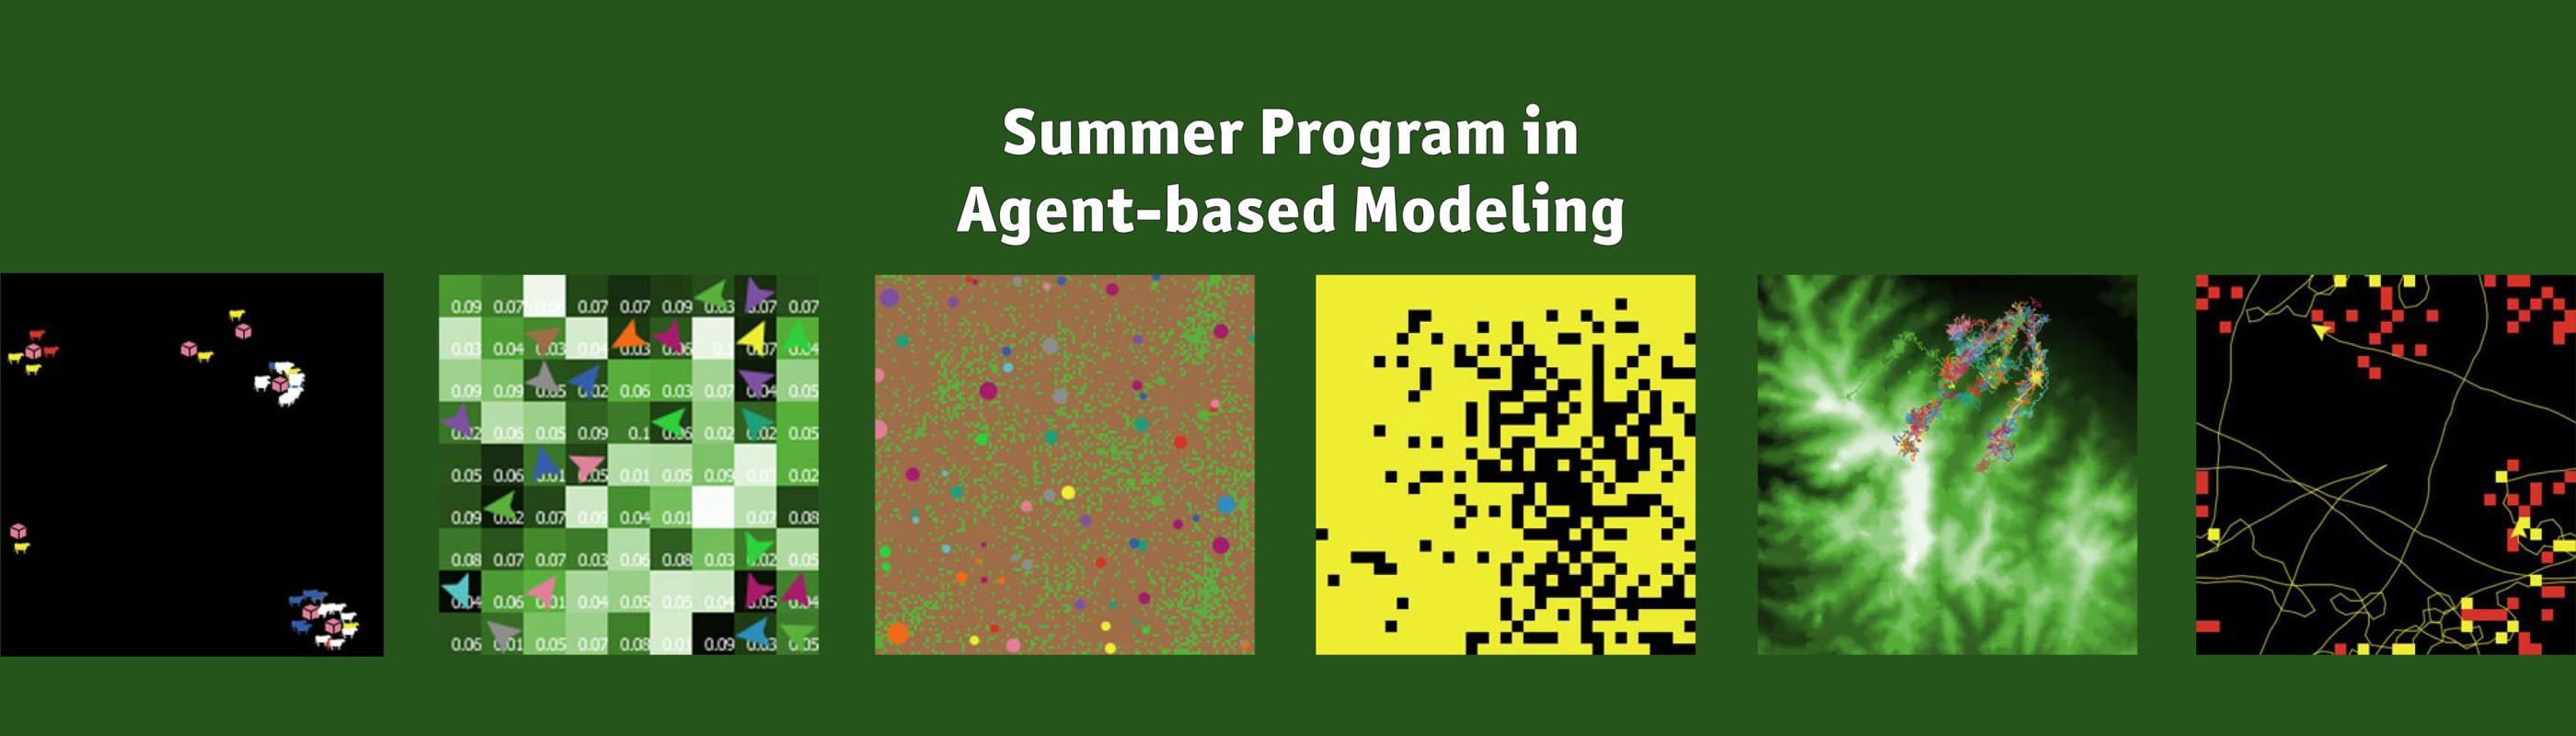 Summer Program in Agent-based Modeling